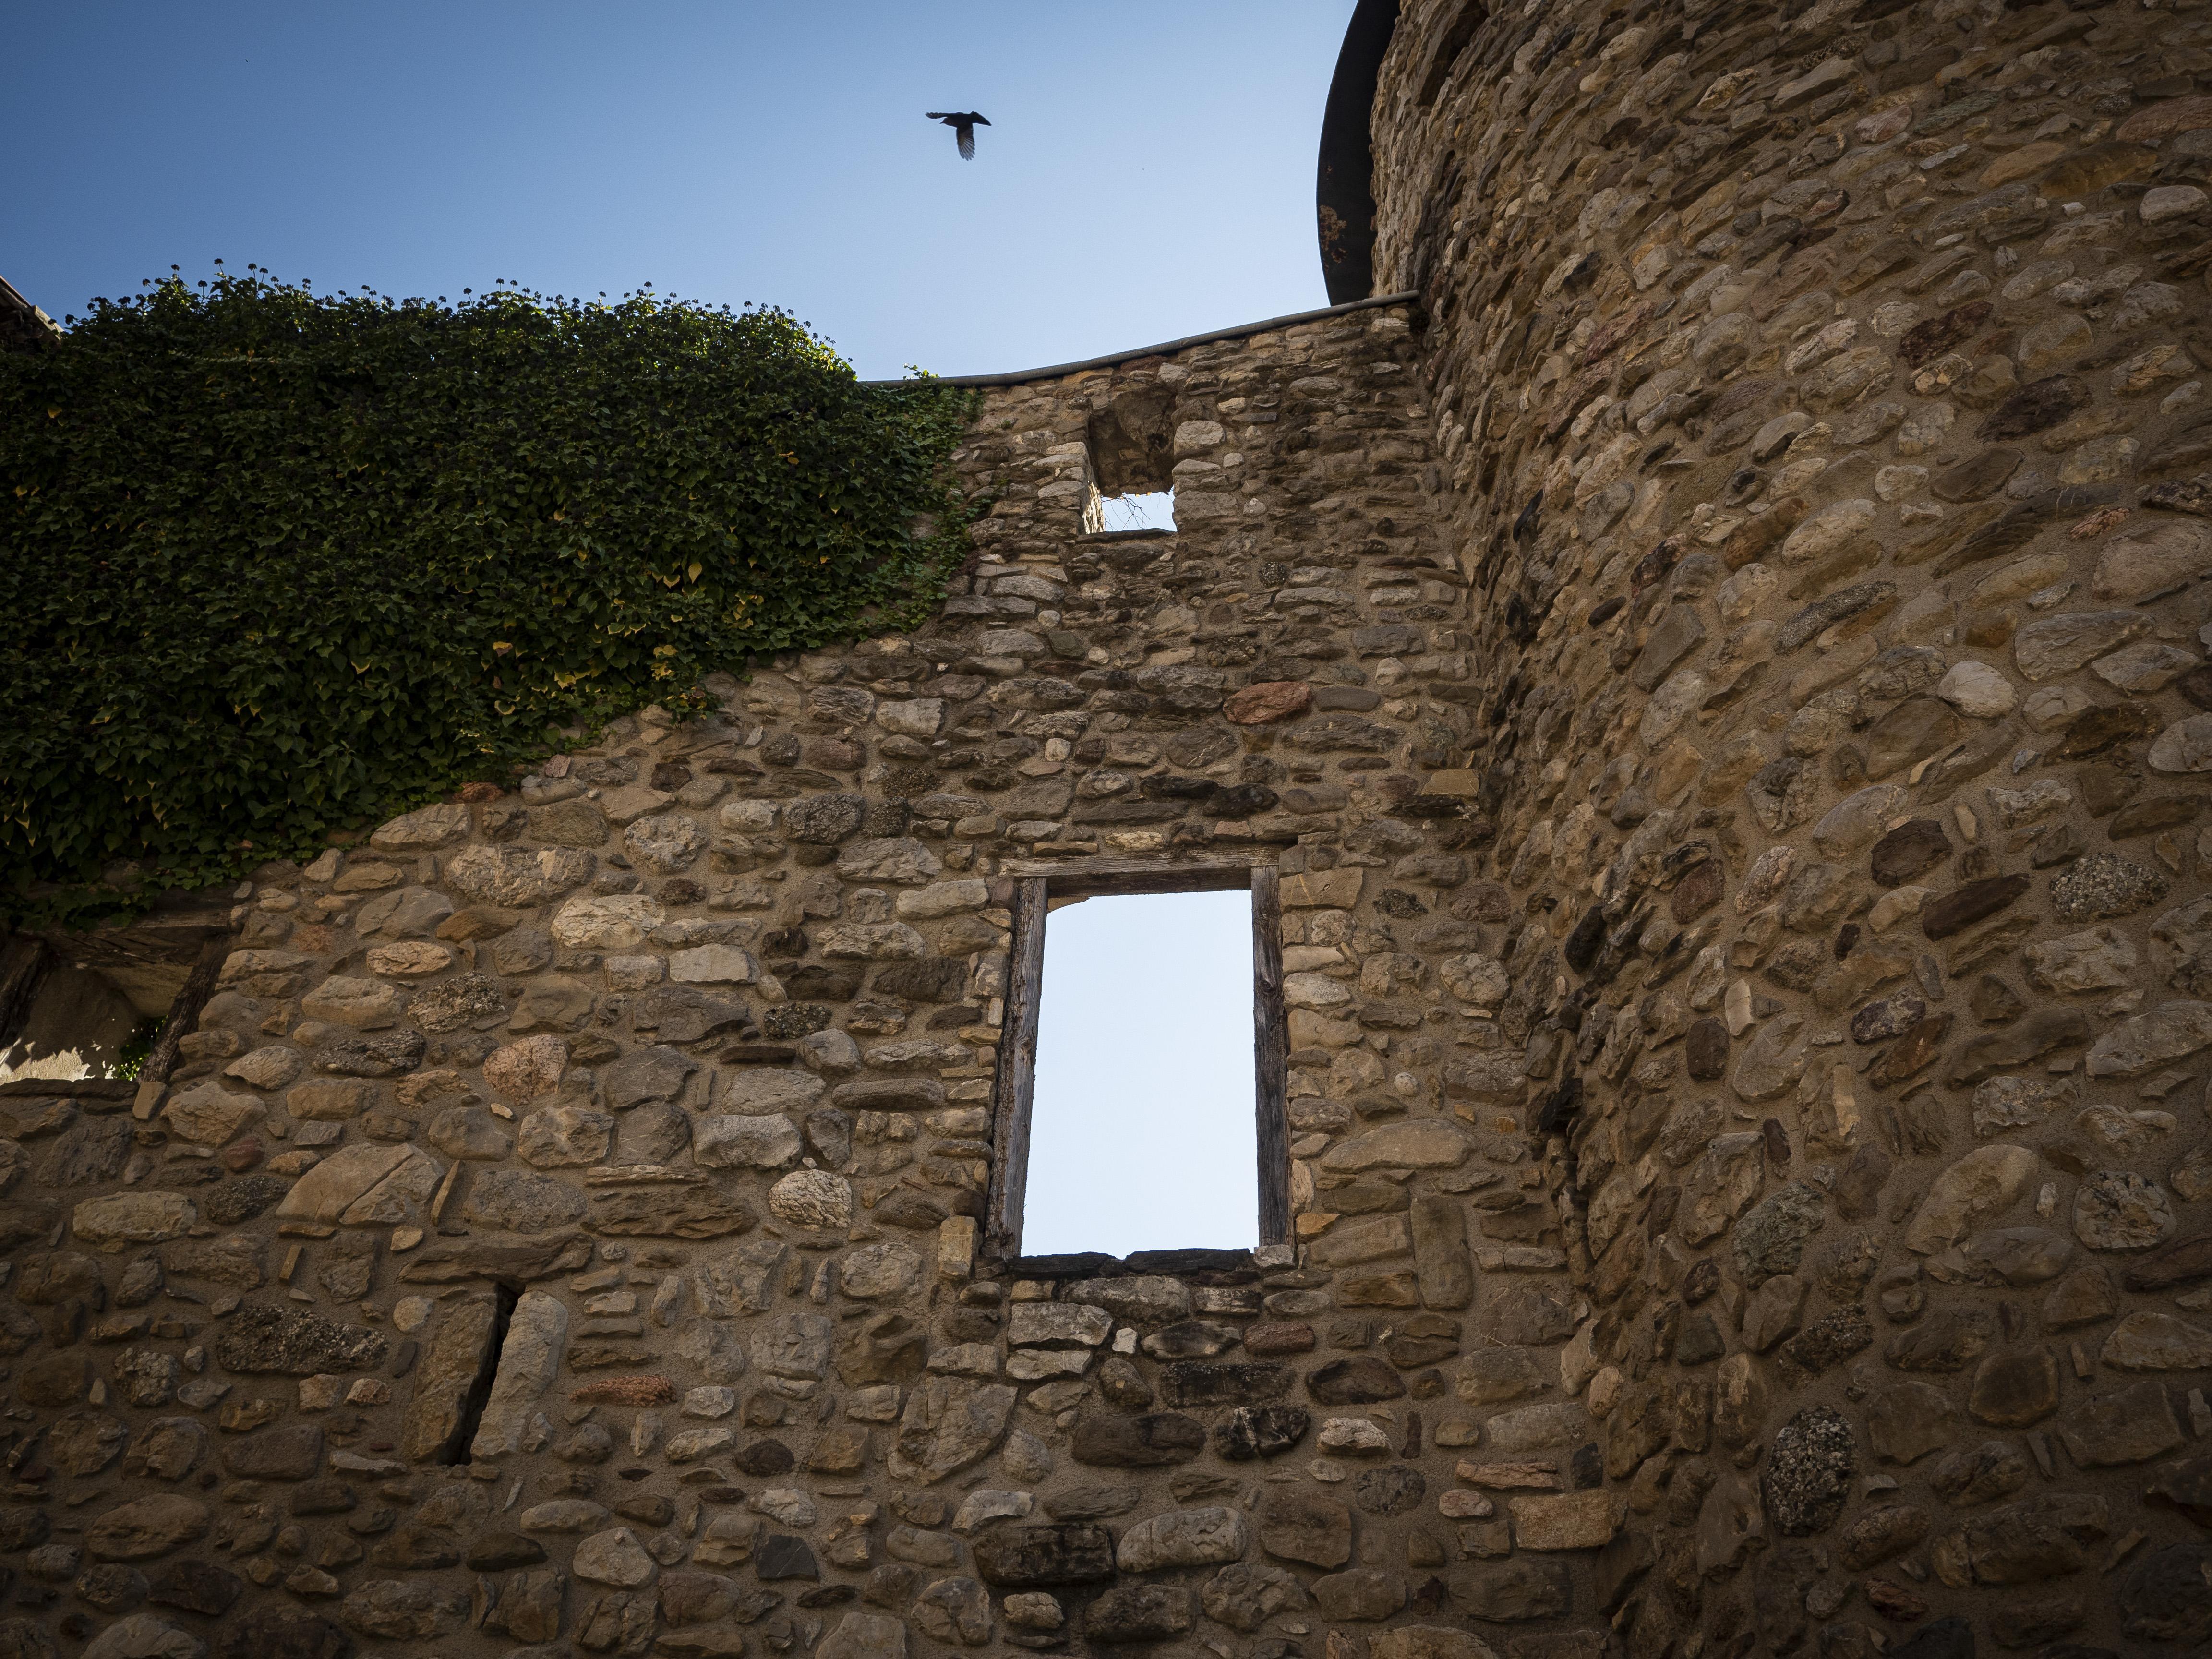 Bagà, una vila medieval 19. FOTO: Anna E. Puig